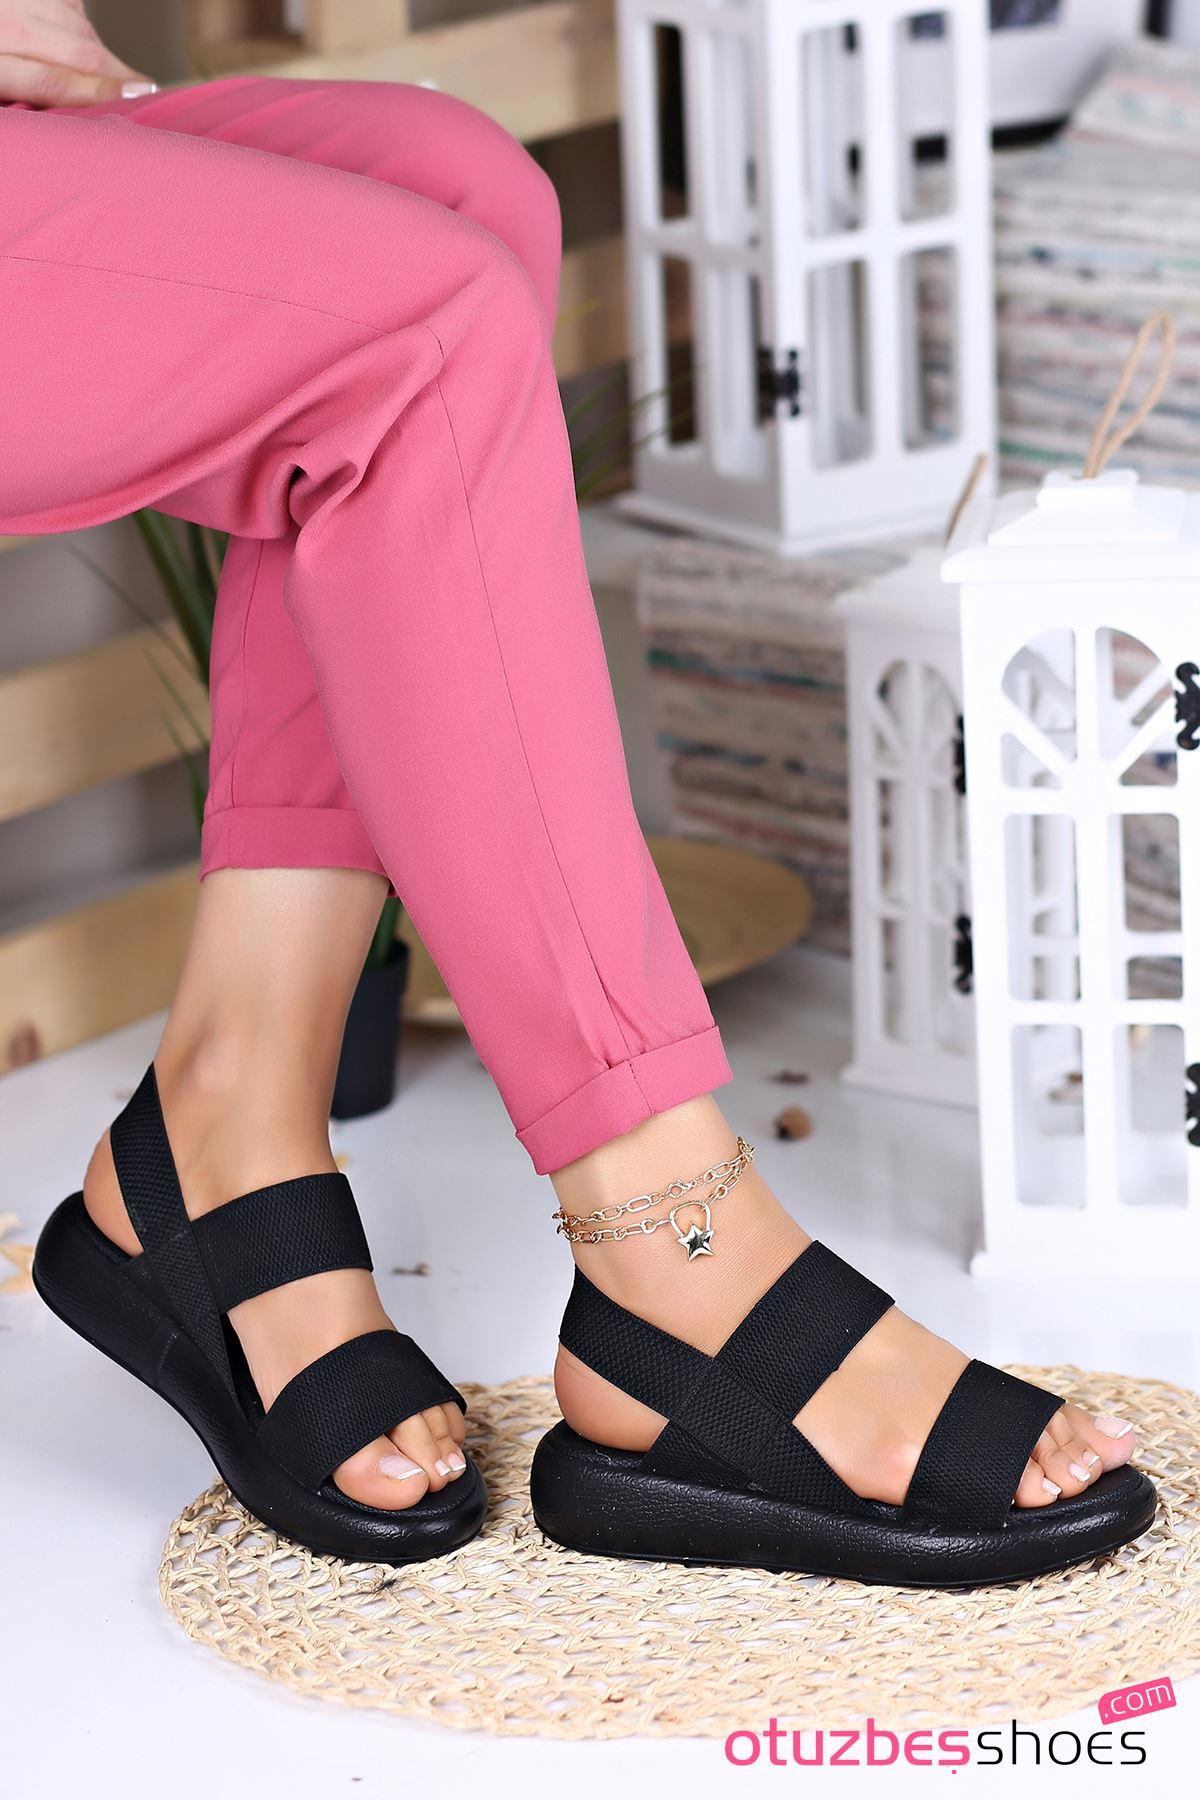 Kista Likralı Lastik Detay Kadın Sandalet Siyah